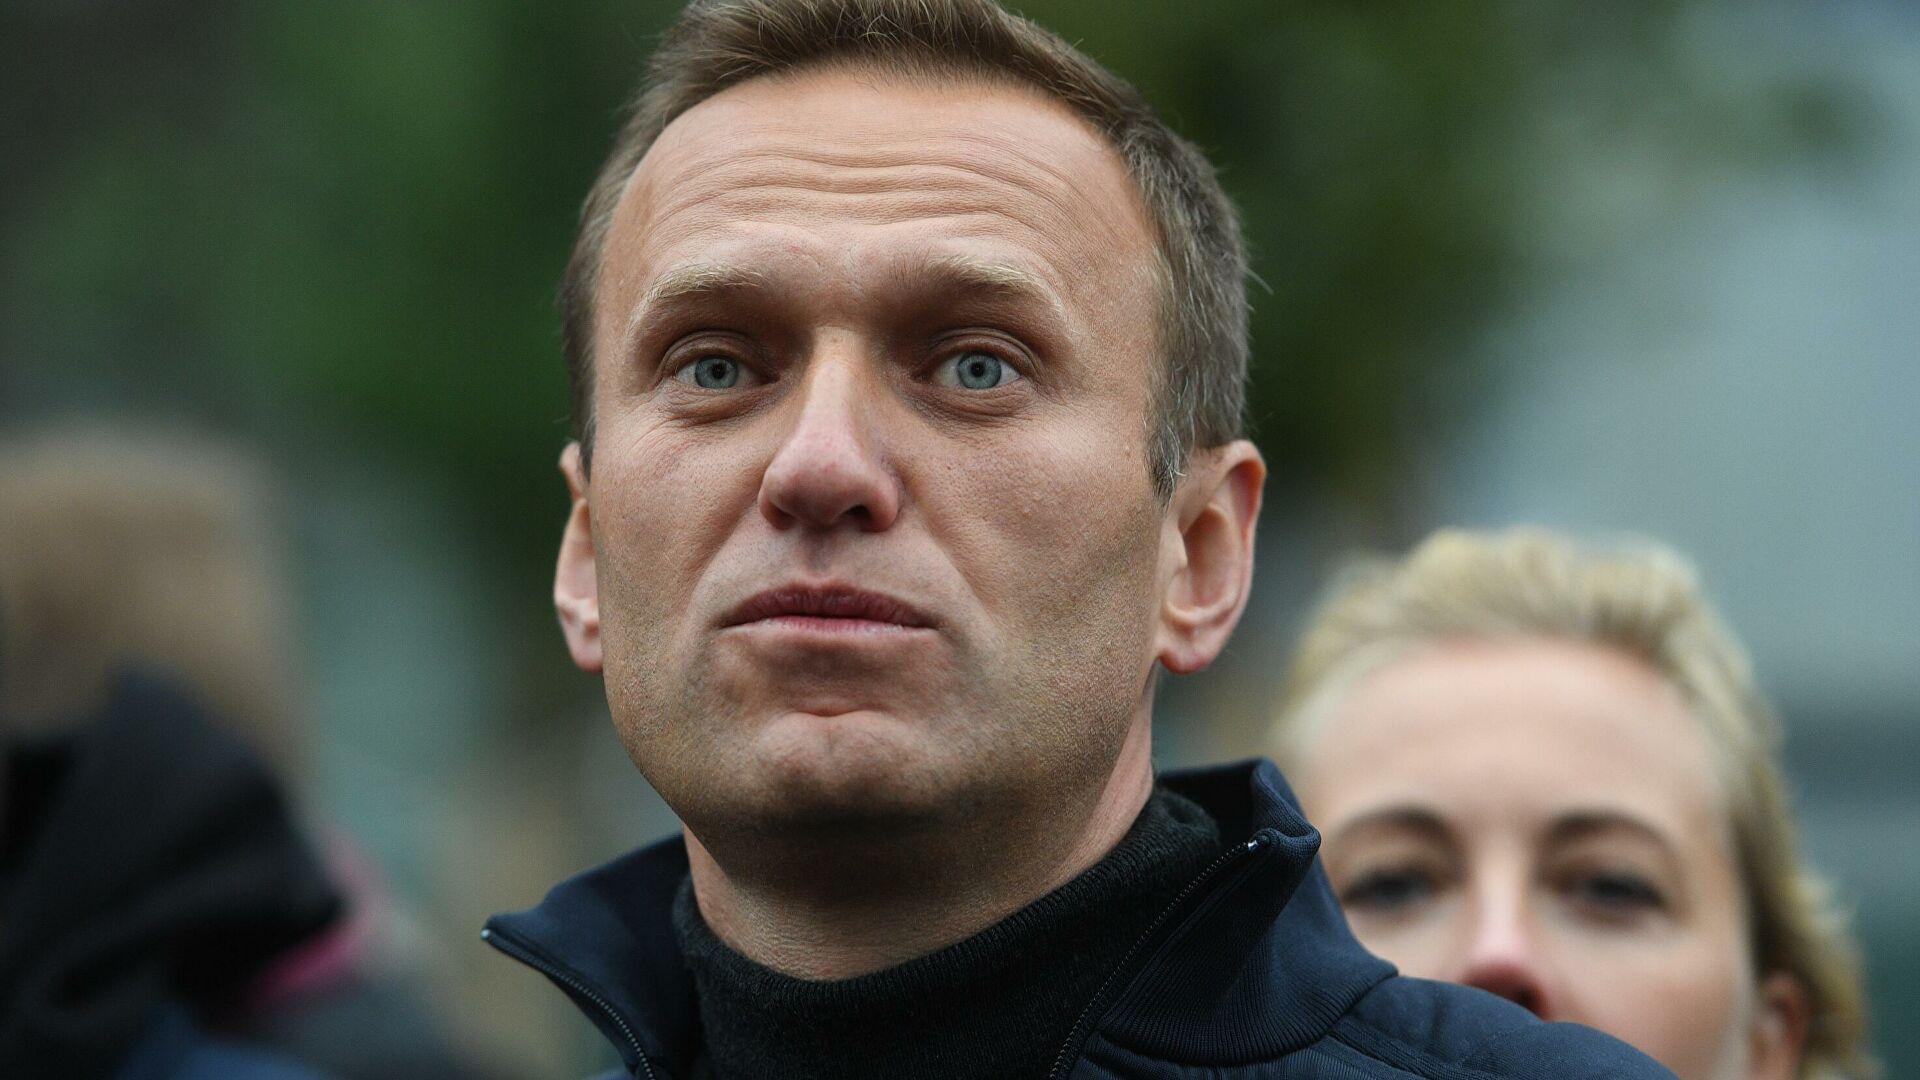 Nemačka: Pratićemo sudski proces koji se u Rusiji vodi protiv Navaljnog